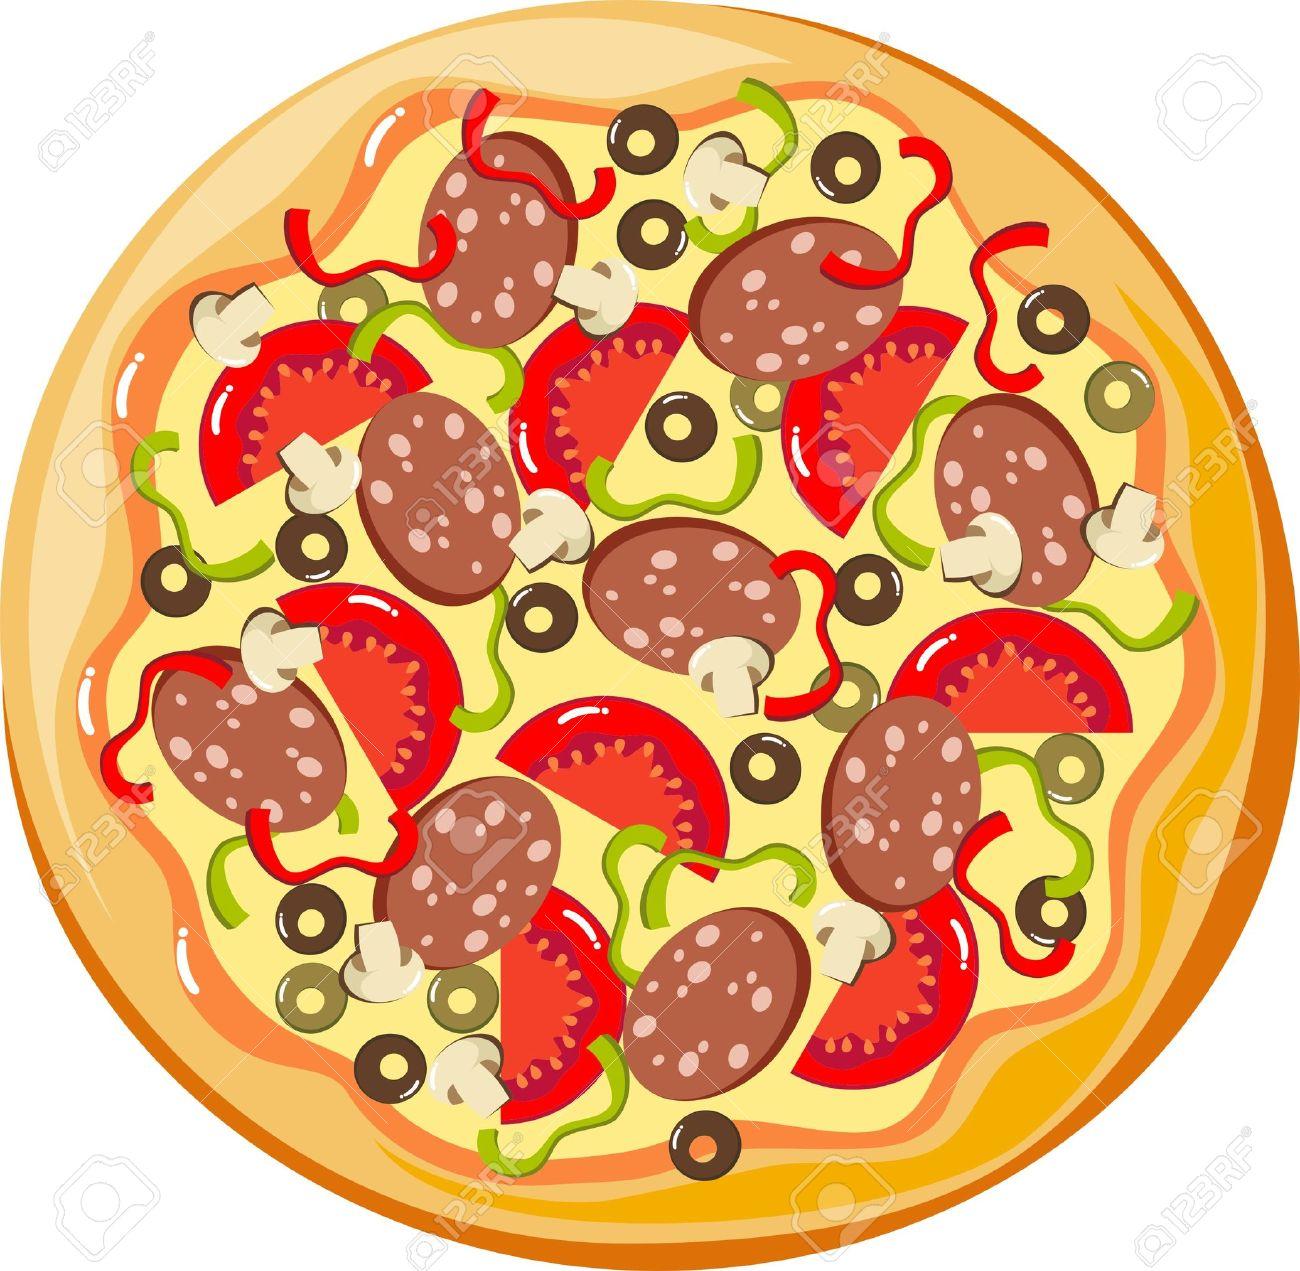 Pizza Free Cliparts Vectors .-Pizza Free Cliparts Vectors .-16